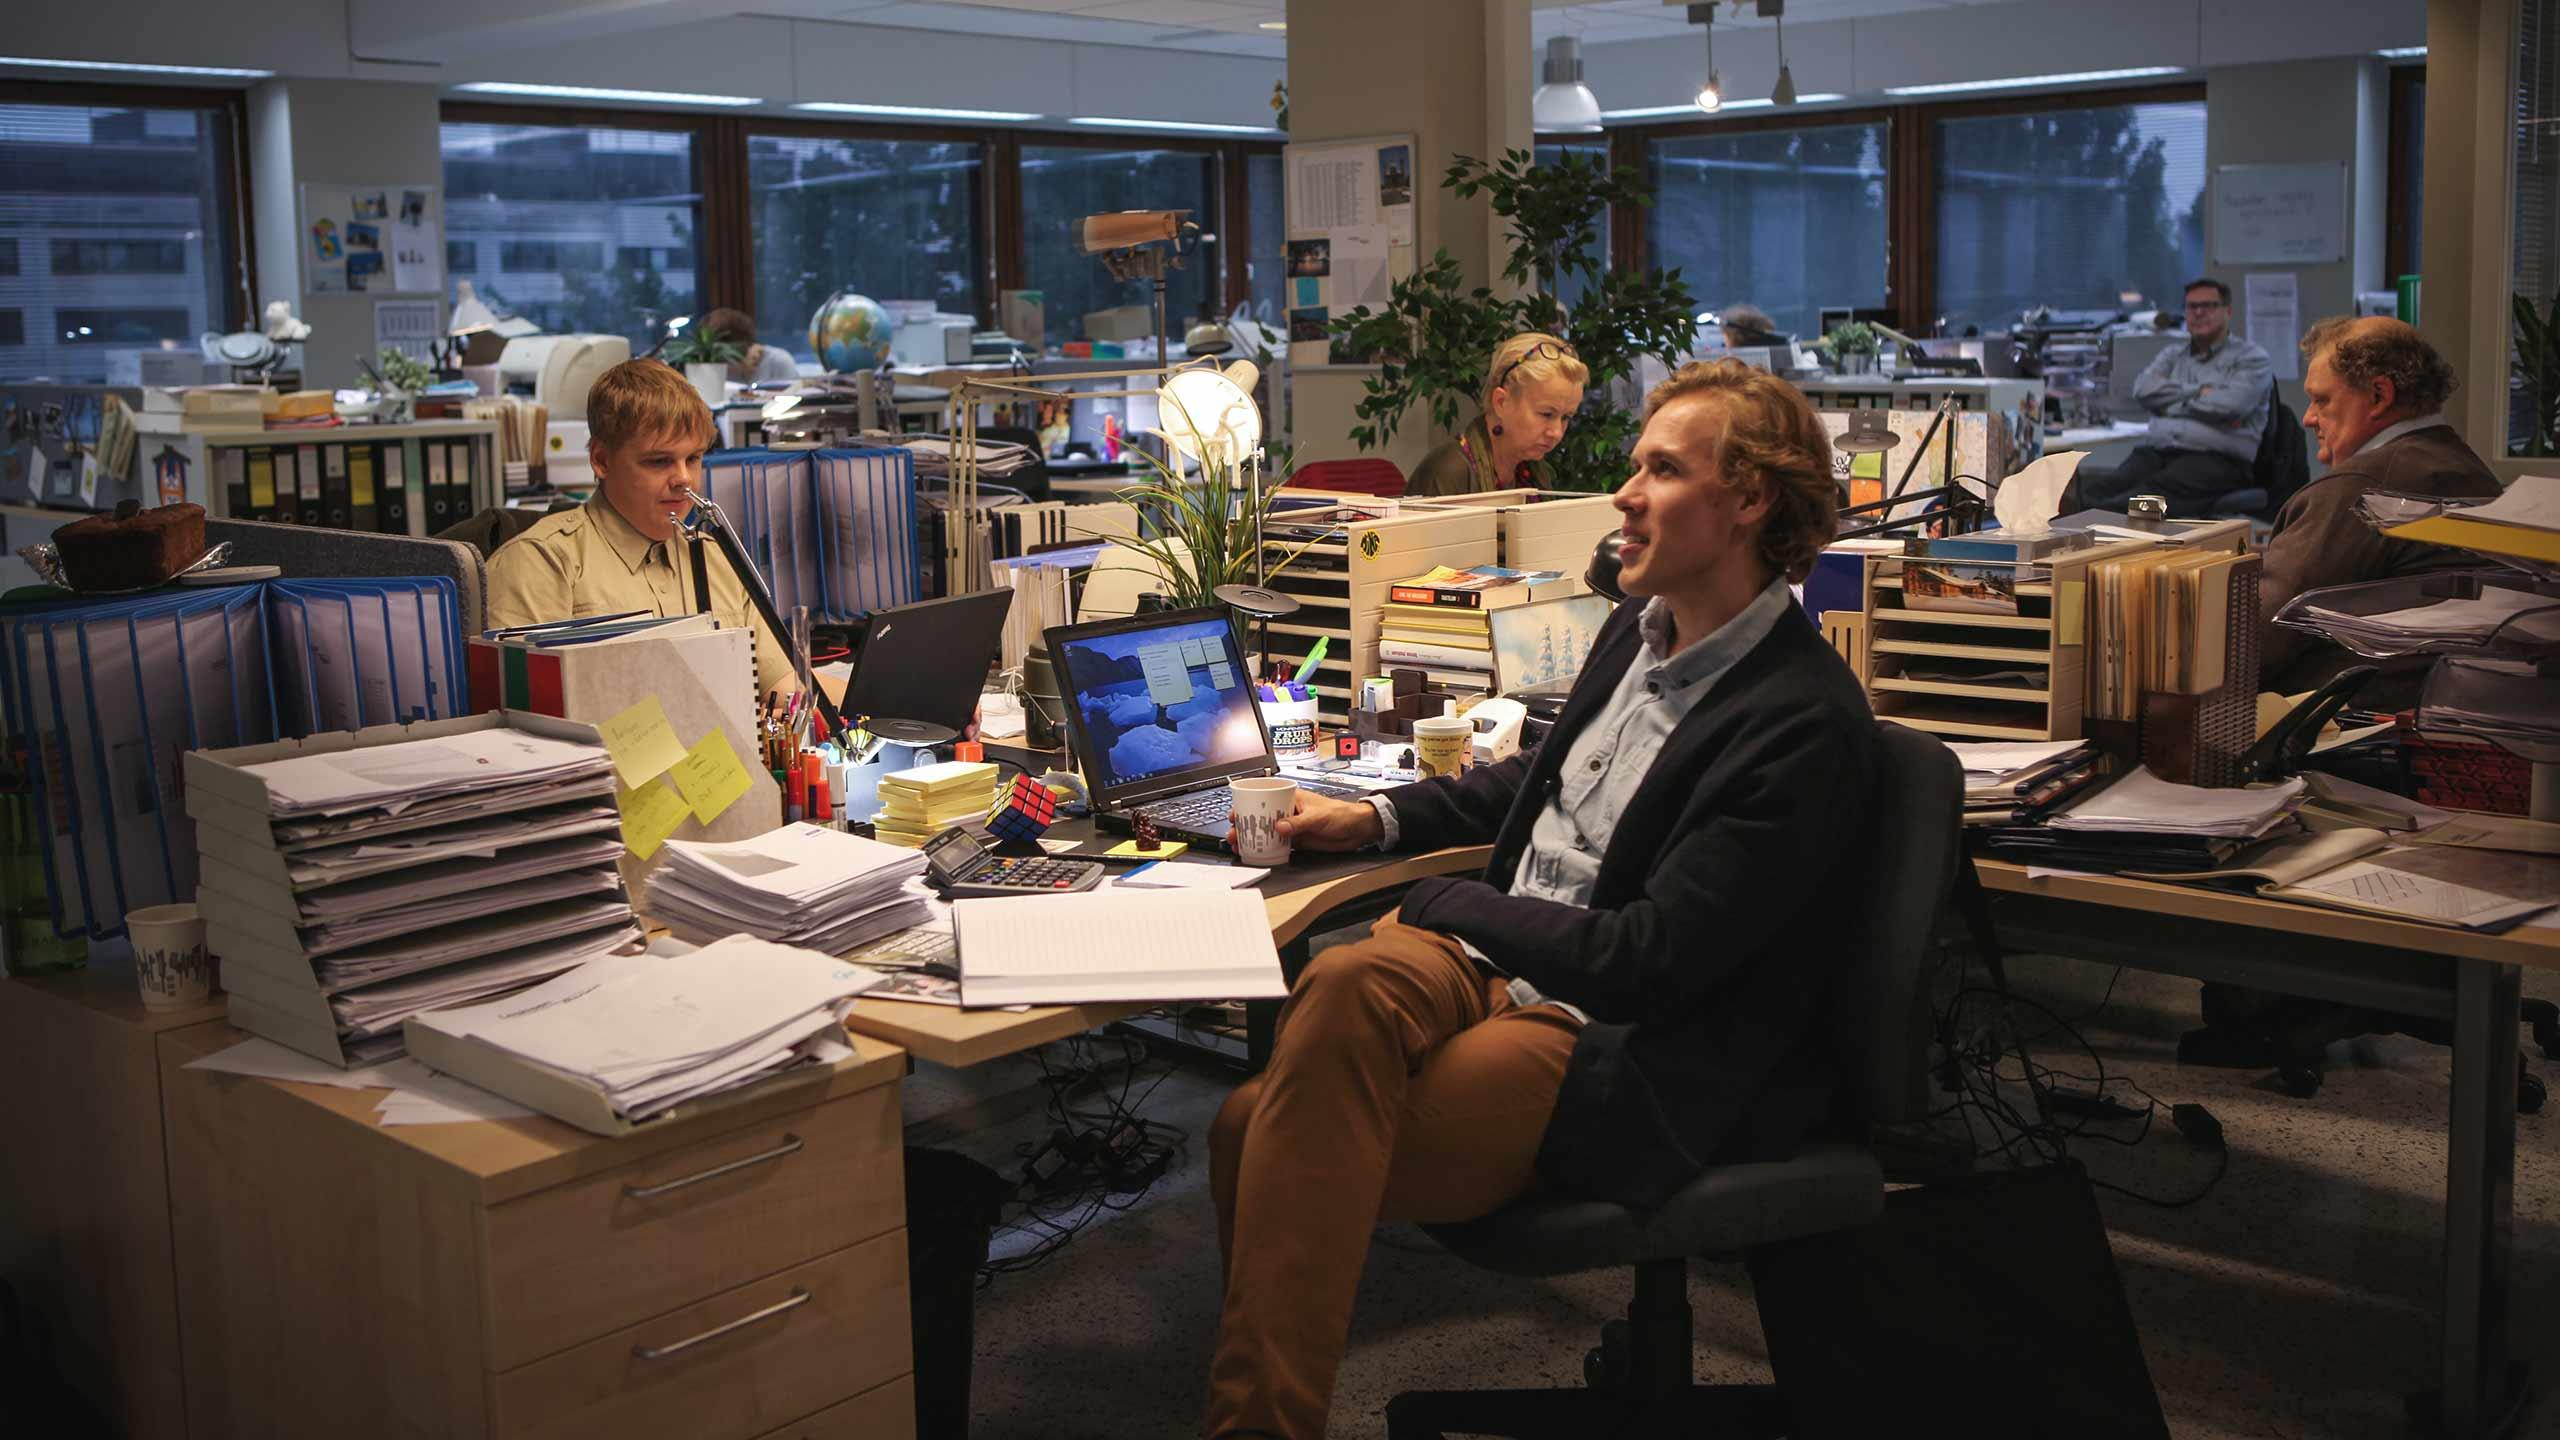 Suomen Konttori löytyy Riihimäeltä - sarja saa ensi-iltansa tänään verkossa